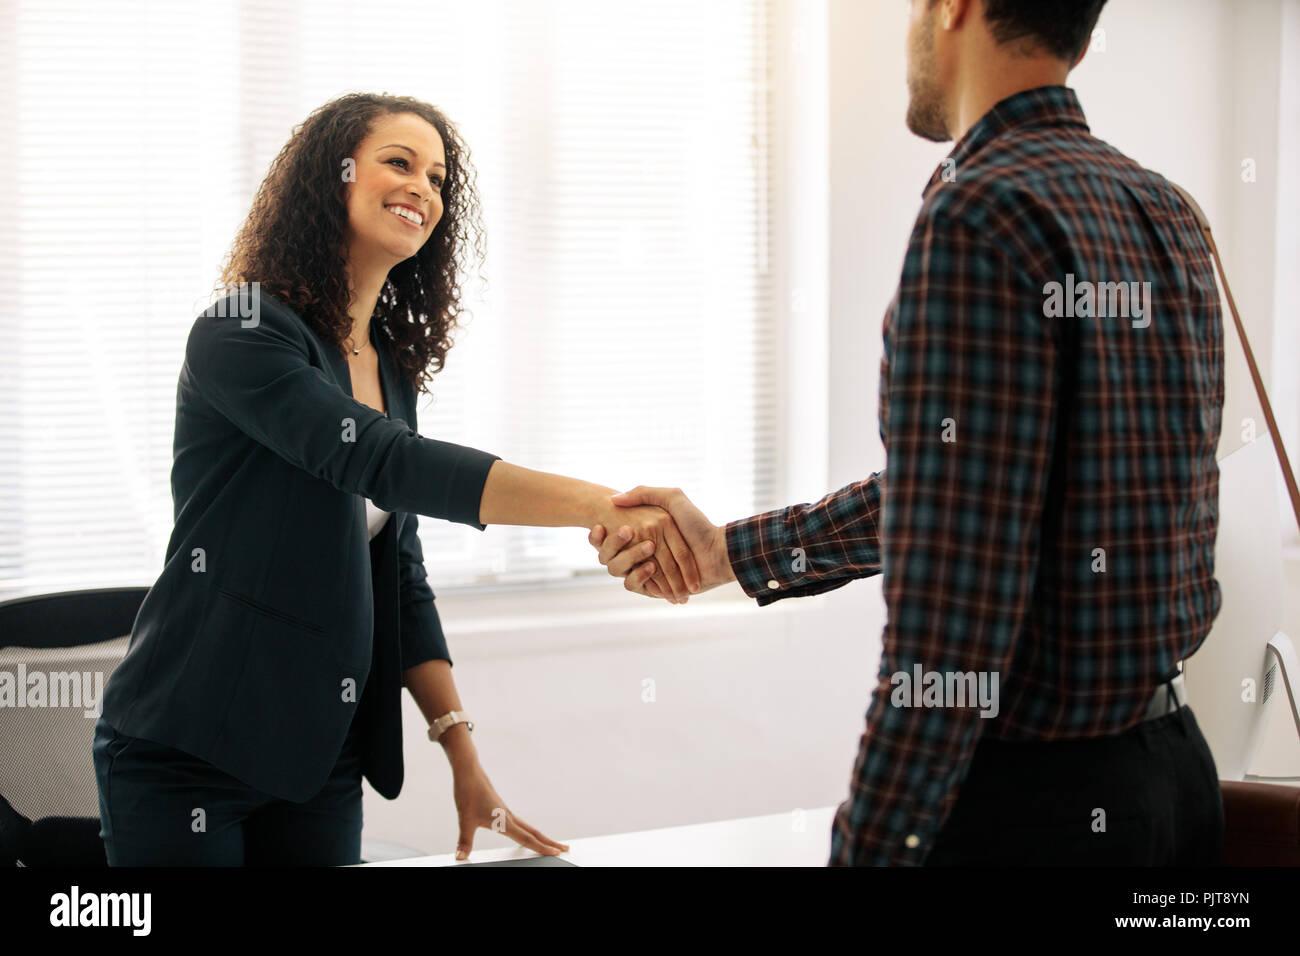 Business Partner riunione in ufficio agitando la mano. Imprenditrice donna in abiti formali saluto un imprenditore alla sua tavola in ufficio. Immagini Stock